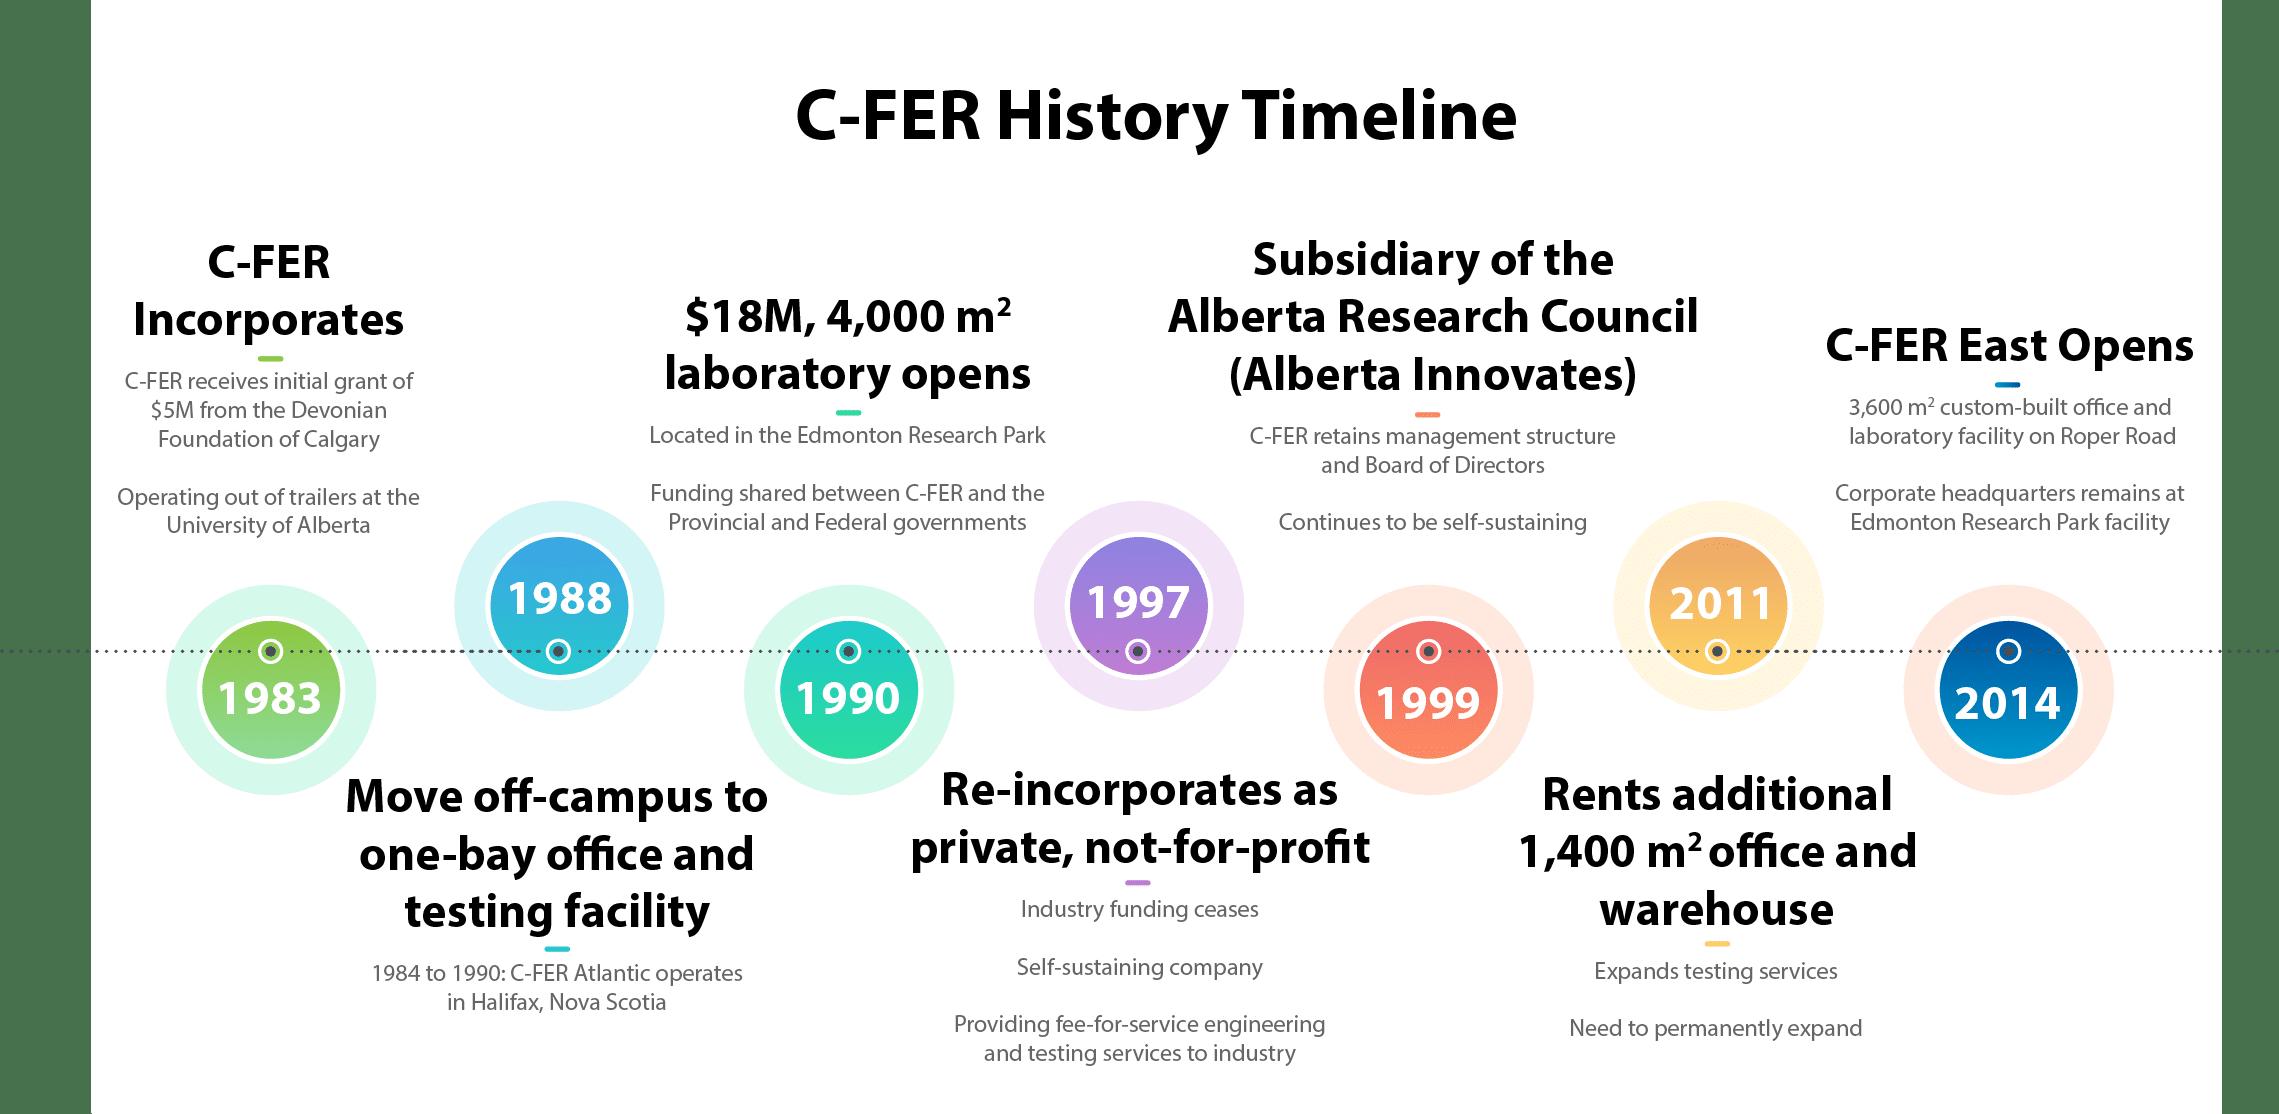 Timeline of C-FER's history